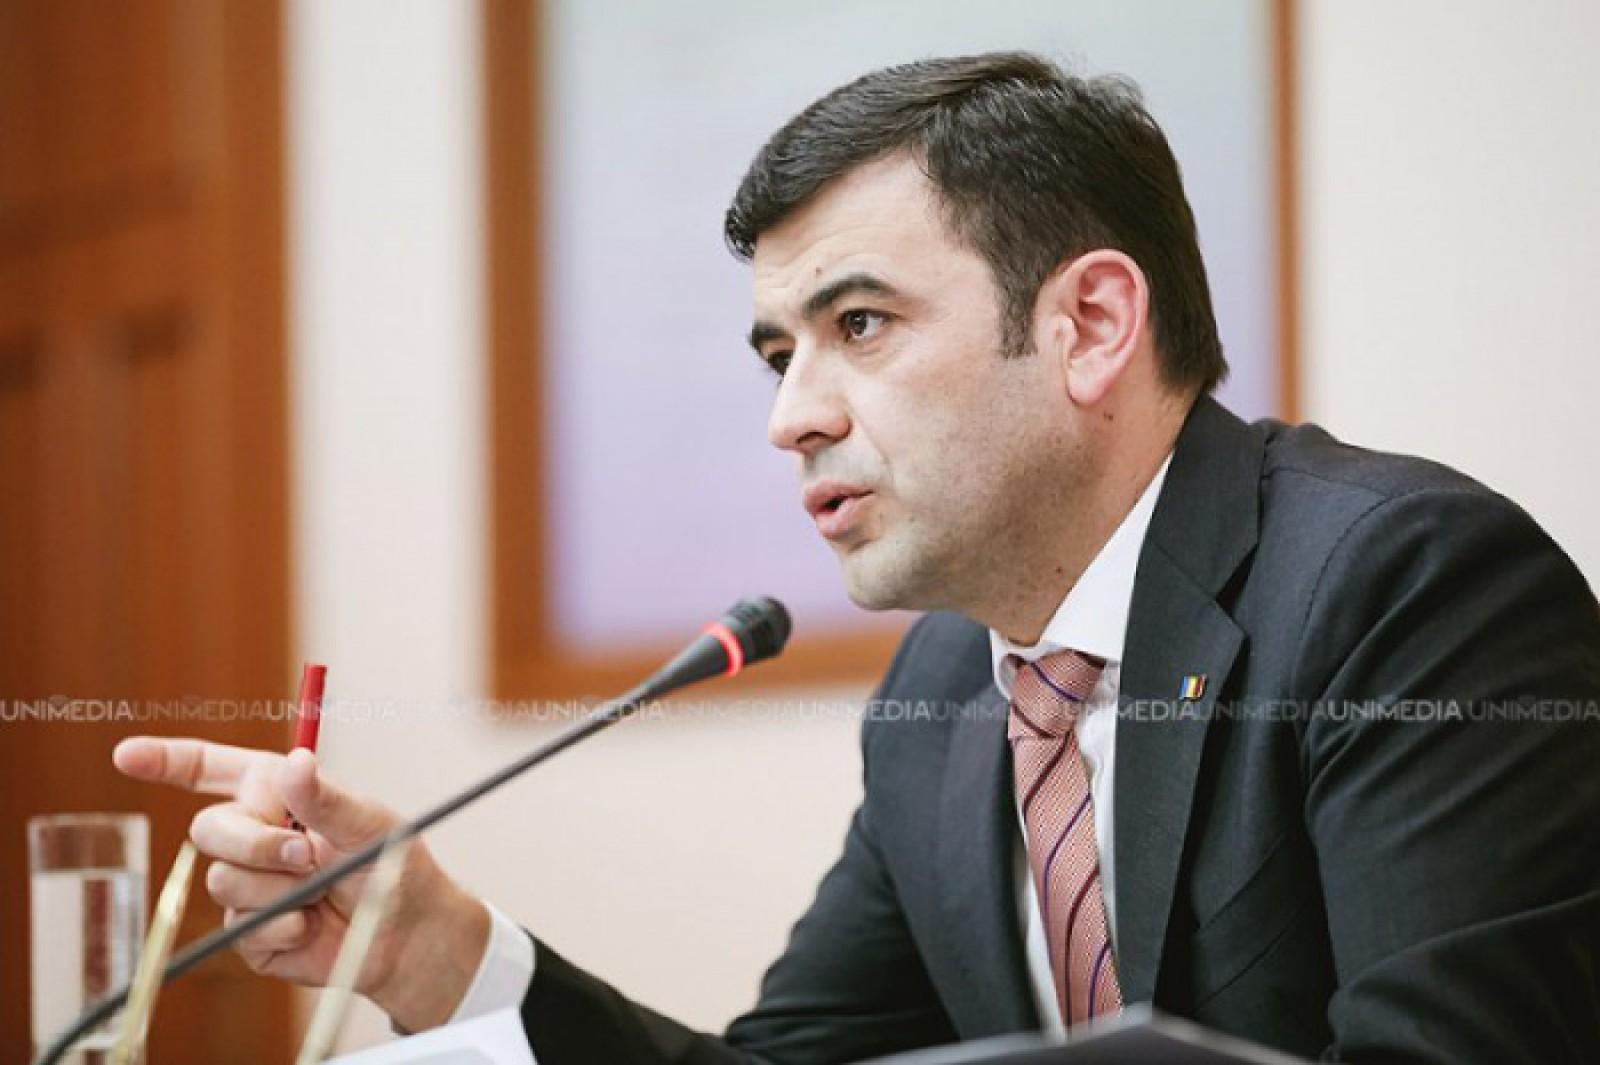 """Reacția lui Chiril Gaburici la reținerea a 23 de angajați ai """"Gărilor şi staţiilor auto"""": Astfel de cazuri sunt grave și arată că gestionarea este defectuoasă"""